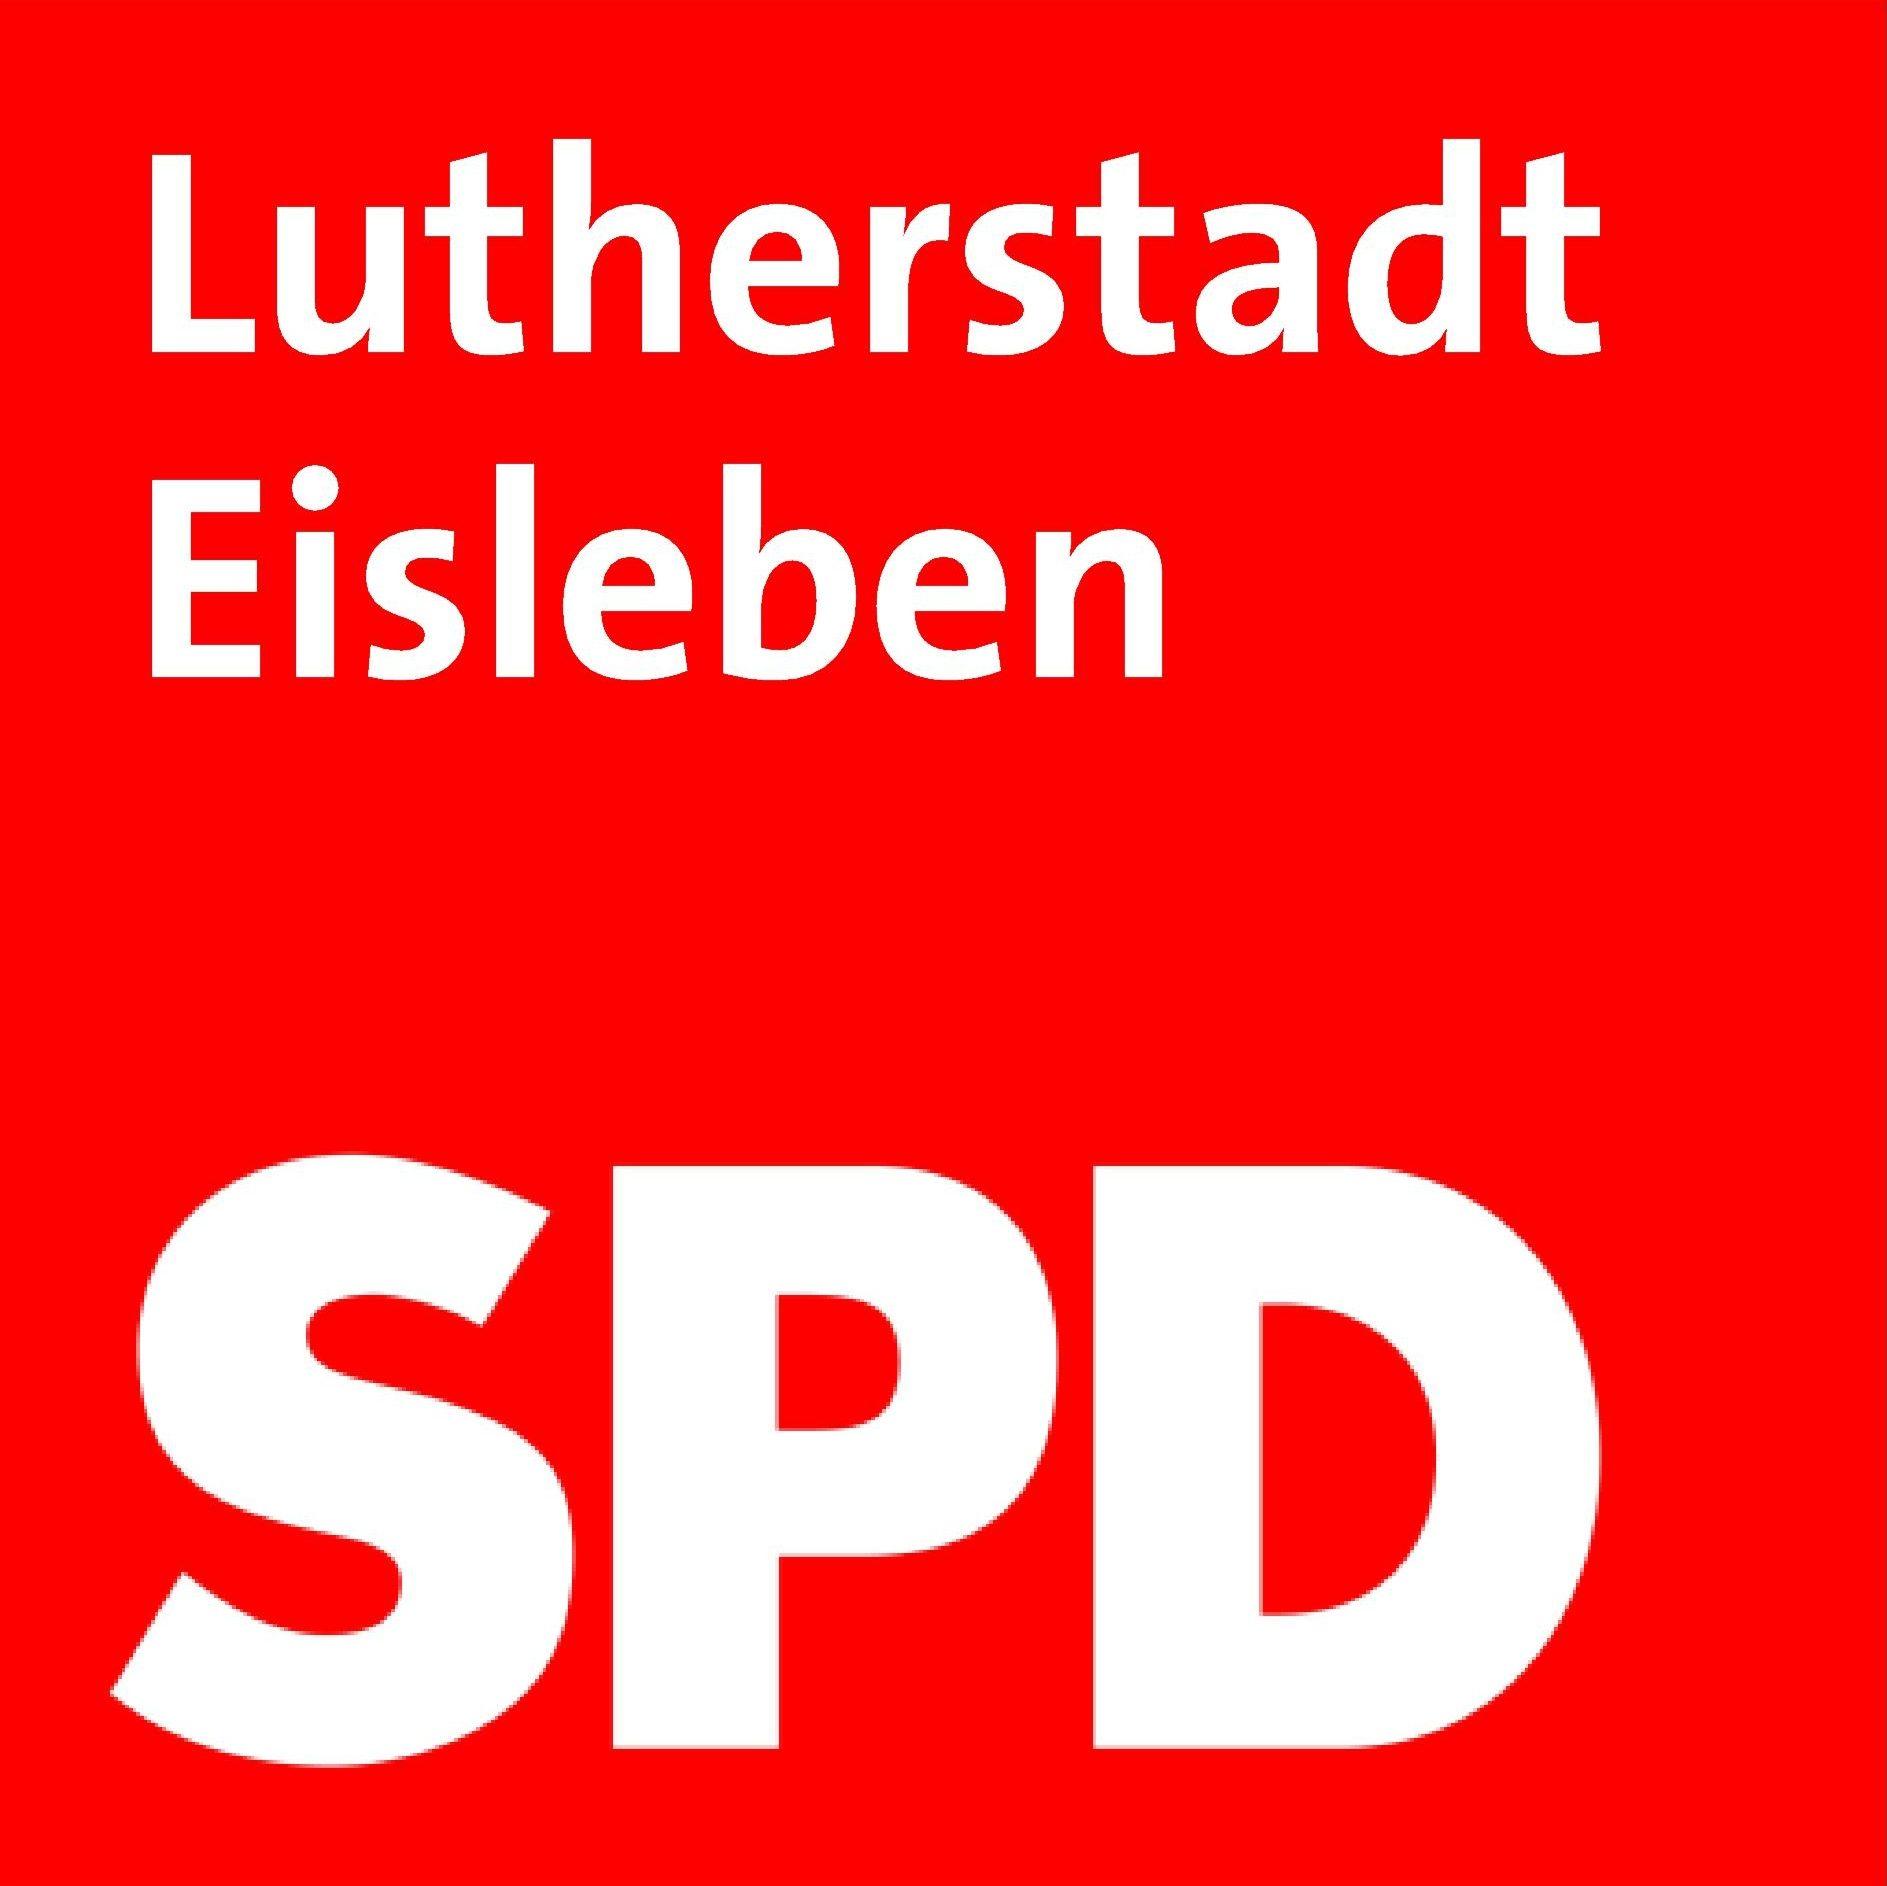 SPD Lutherstadt Eisleben